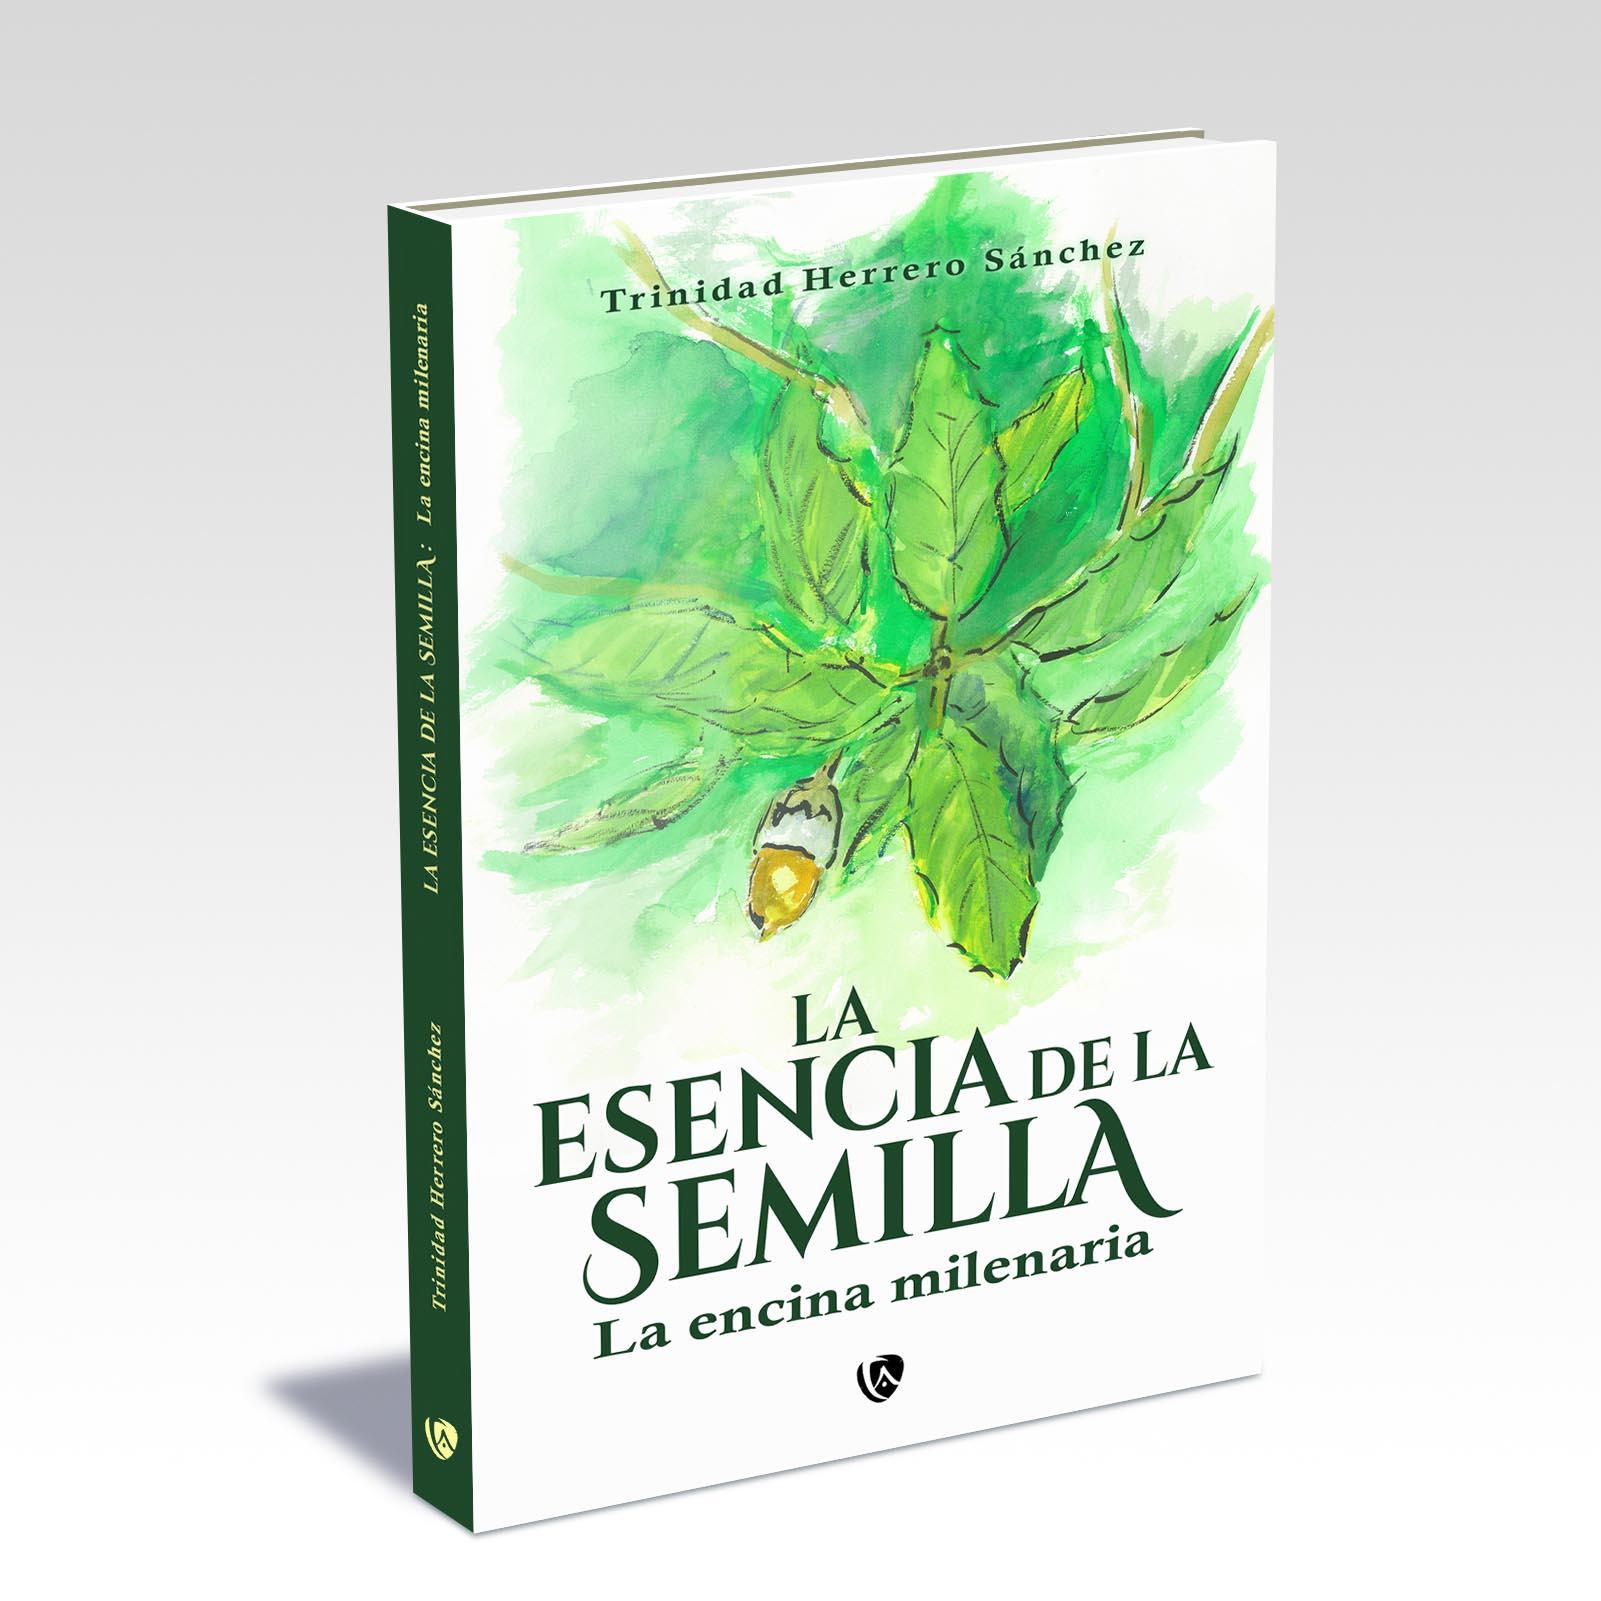 La esencia de la semilla 3D BOOK